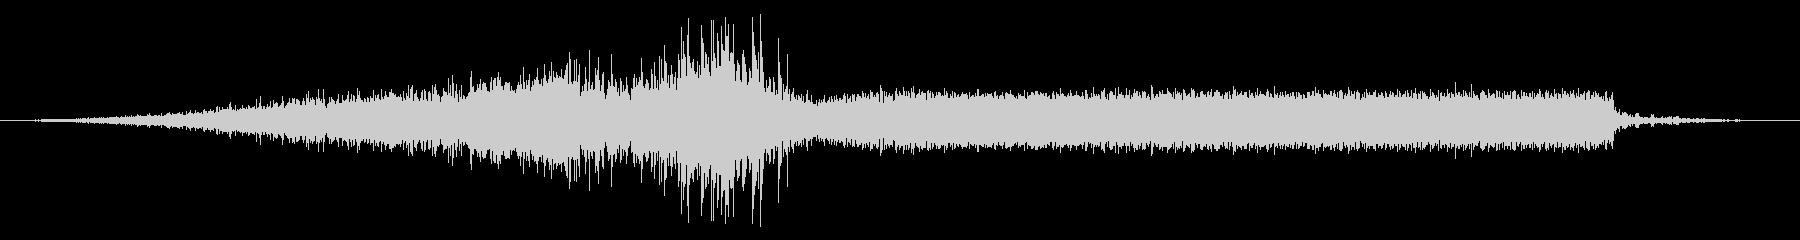 Ext:中速で左にアプローチ、プル...の未再生の波形